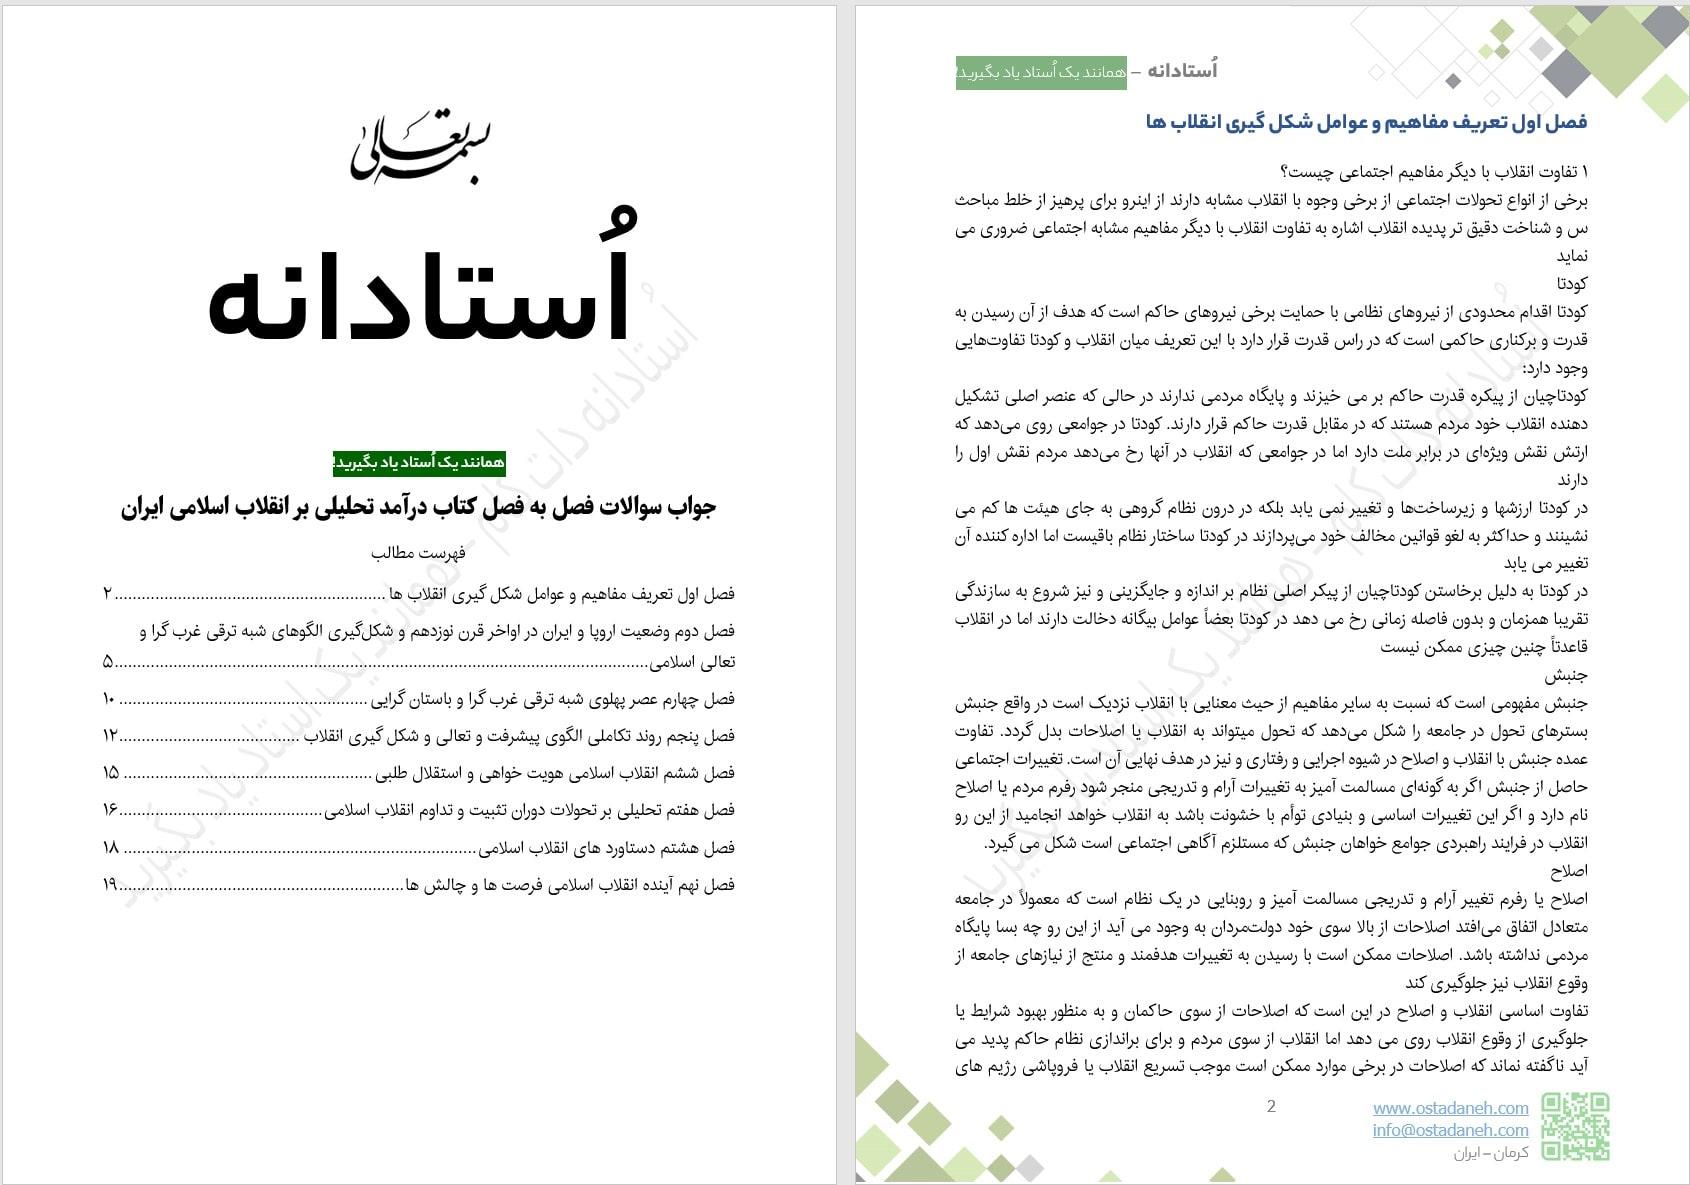 تصویر جواب سوالات فصل به فصل انقلاب اسلامی هراتی و عیوضی کامل